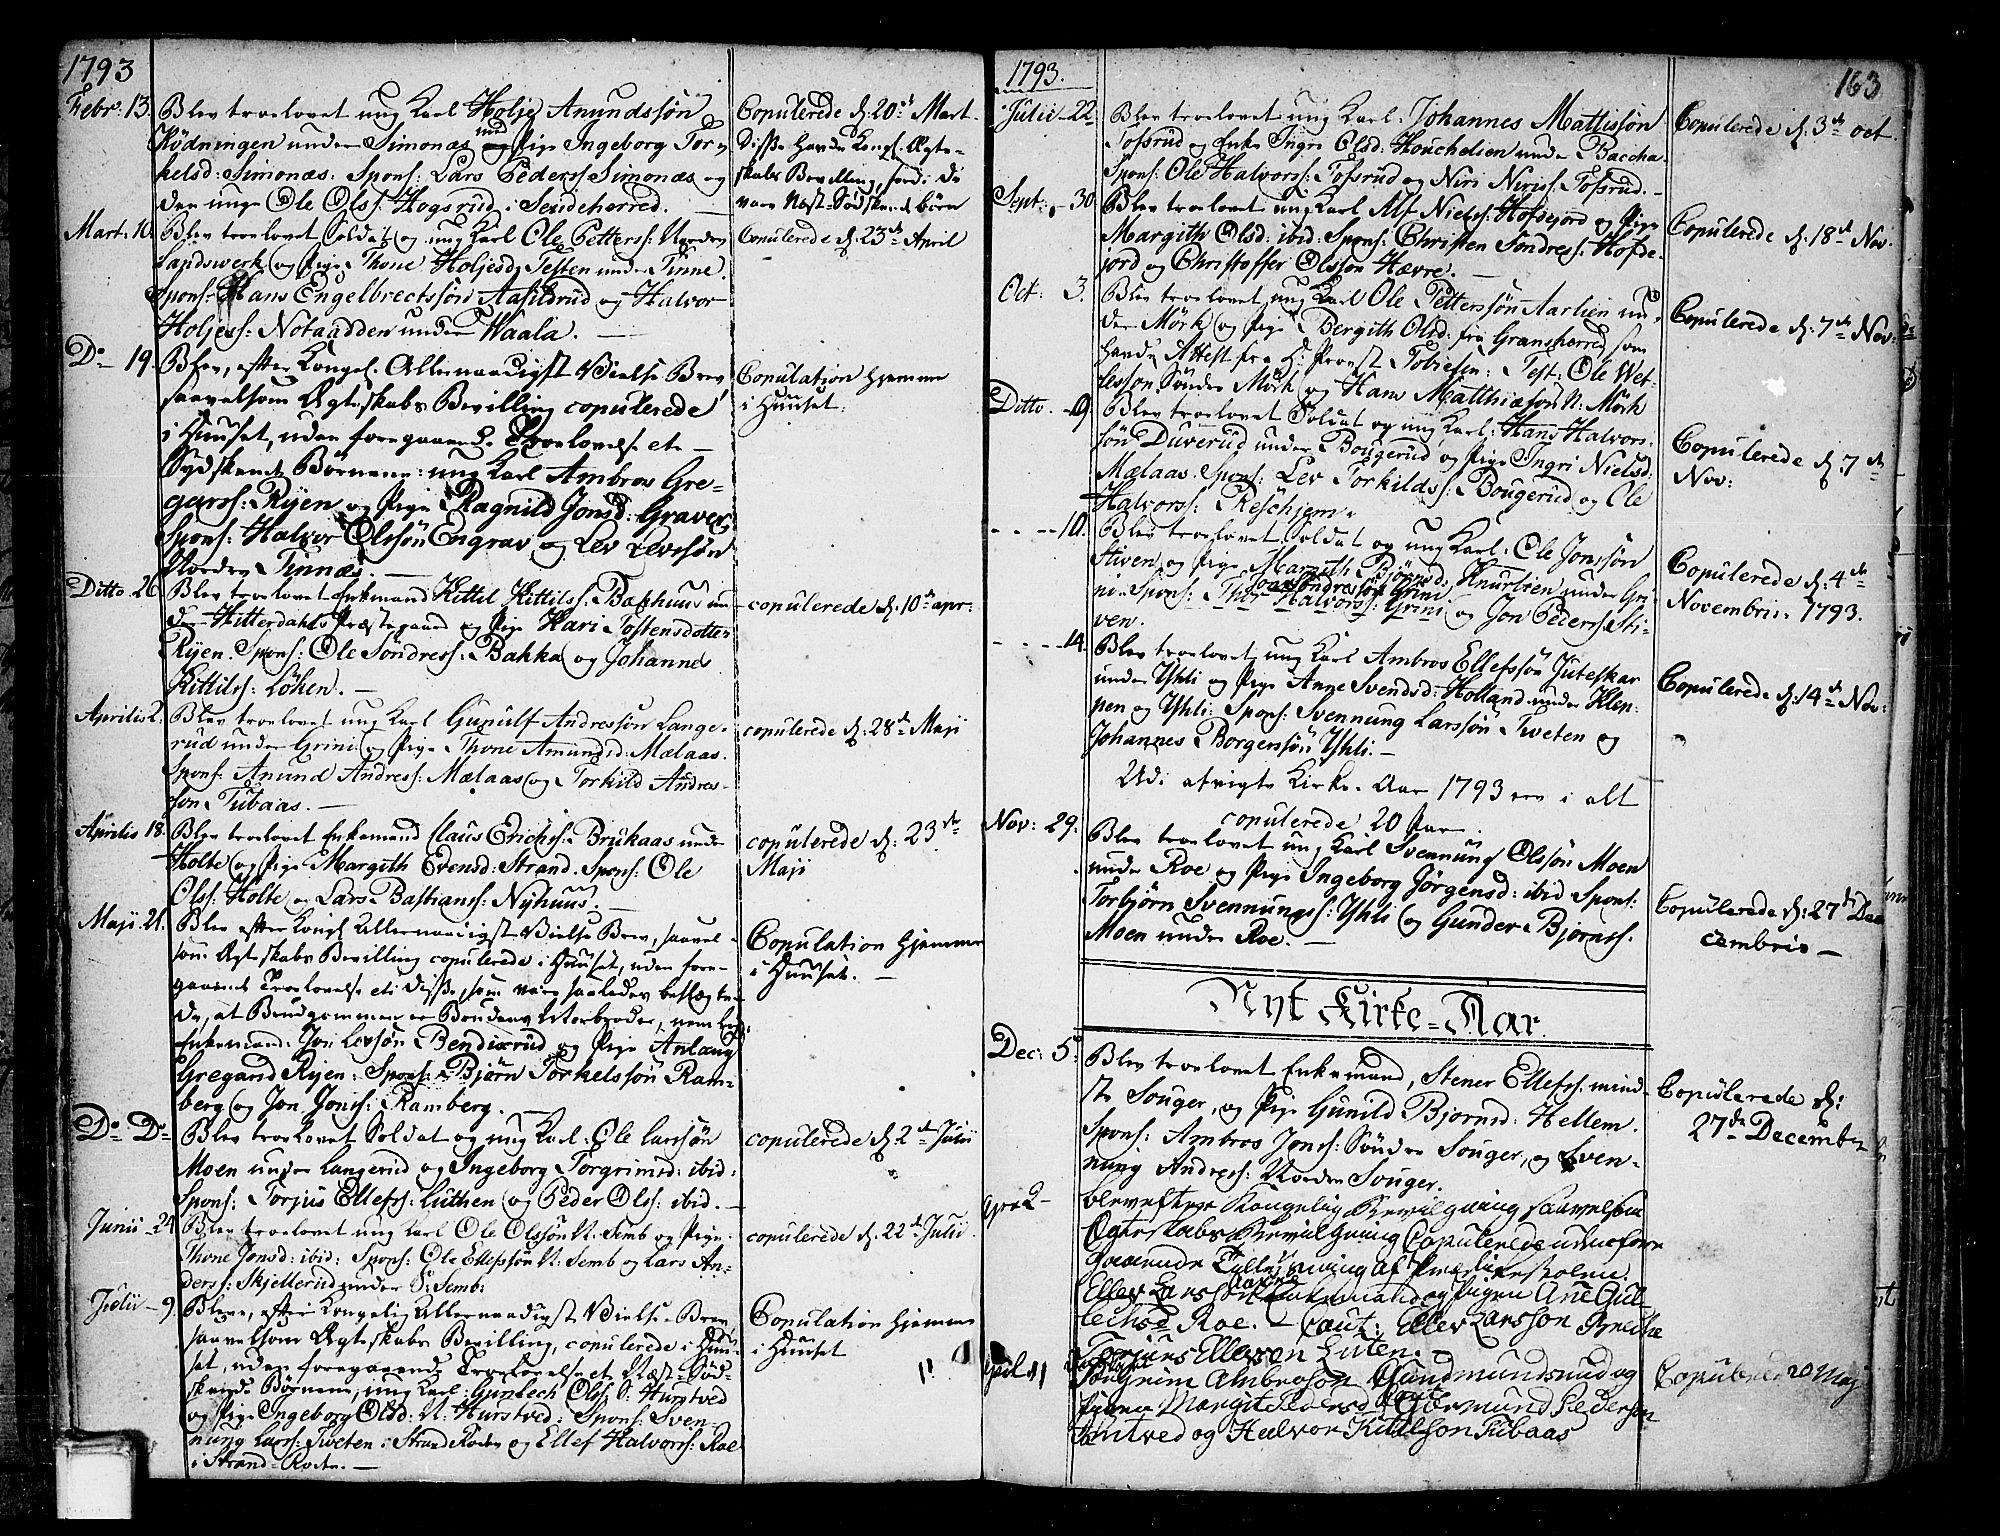 SAKO, Heddal kirkebøker, F/Fa/L0004: Ministerialbok nr. I 4, 1784-1814, s. 163